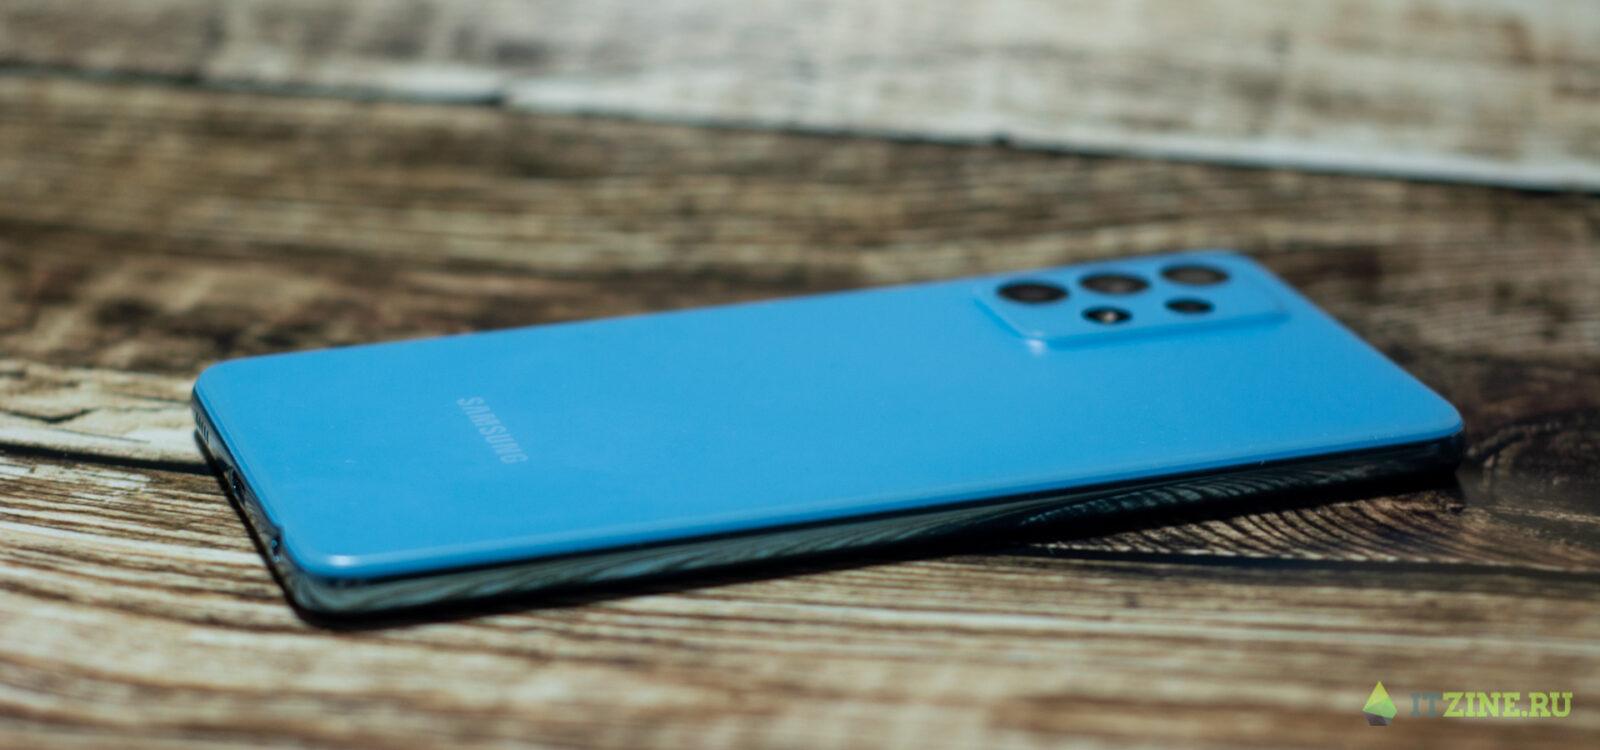 Обзор Samsung Galaxy A52: красивый, мощный и недорогой смартфон ()